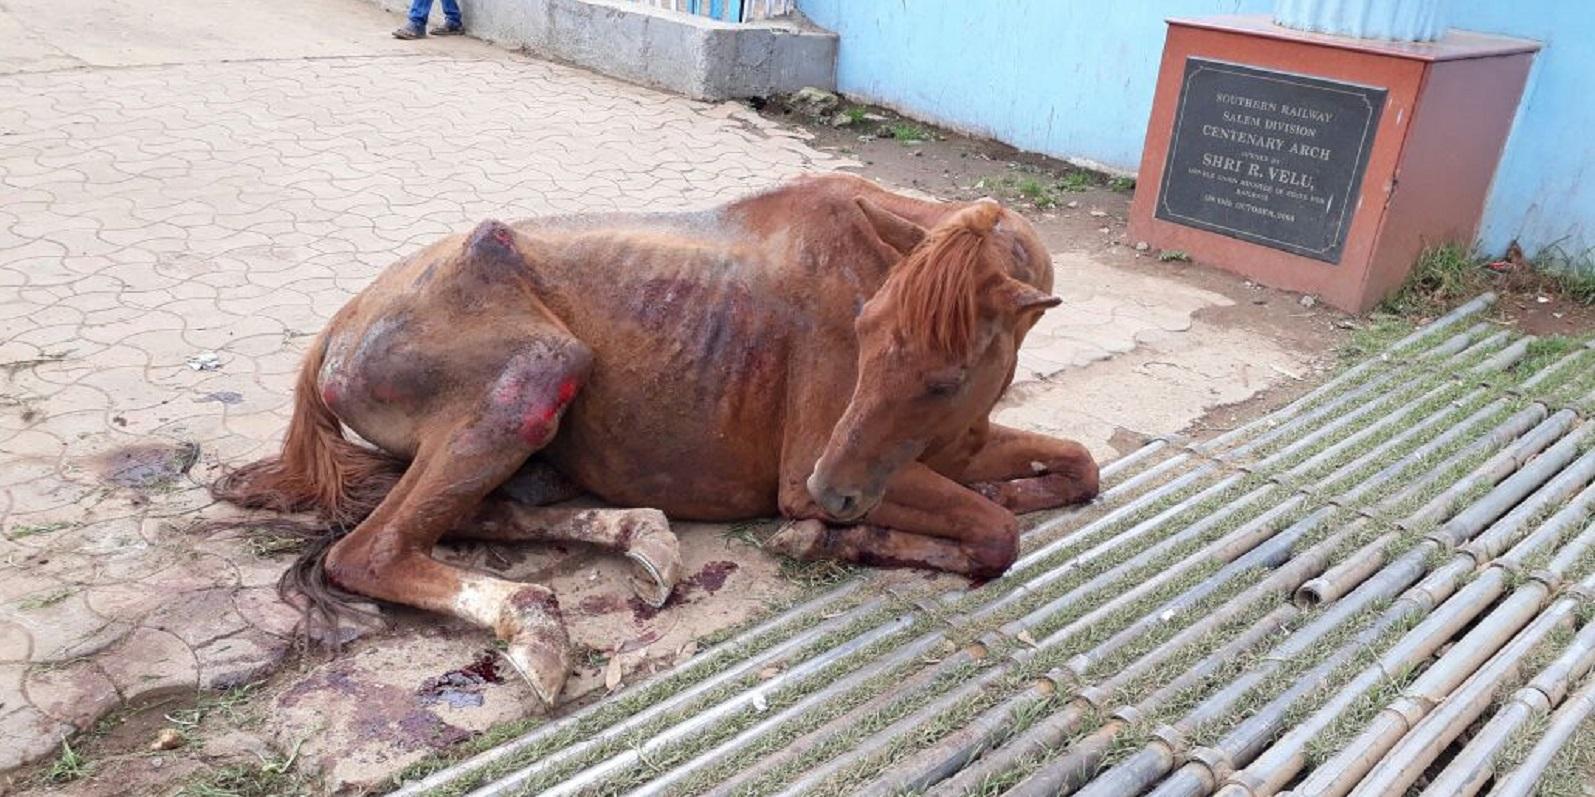 Streunende Pferde werden oft im Straßenverkehr verletzt